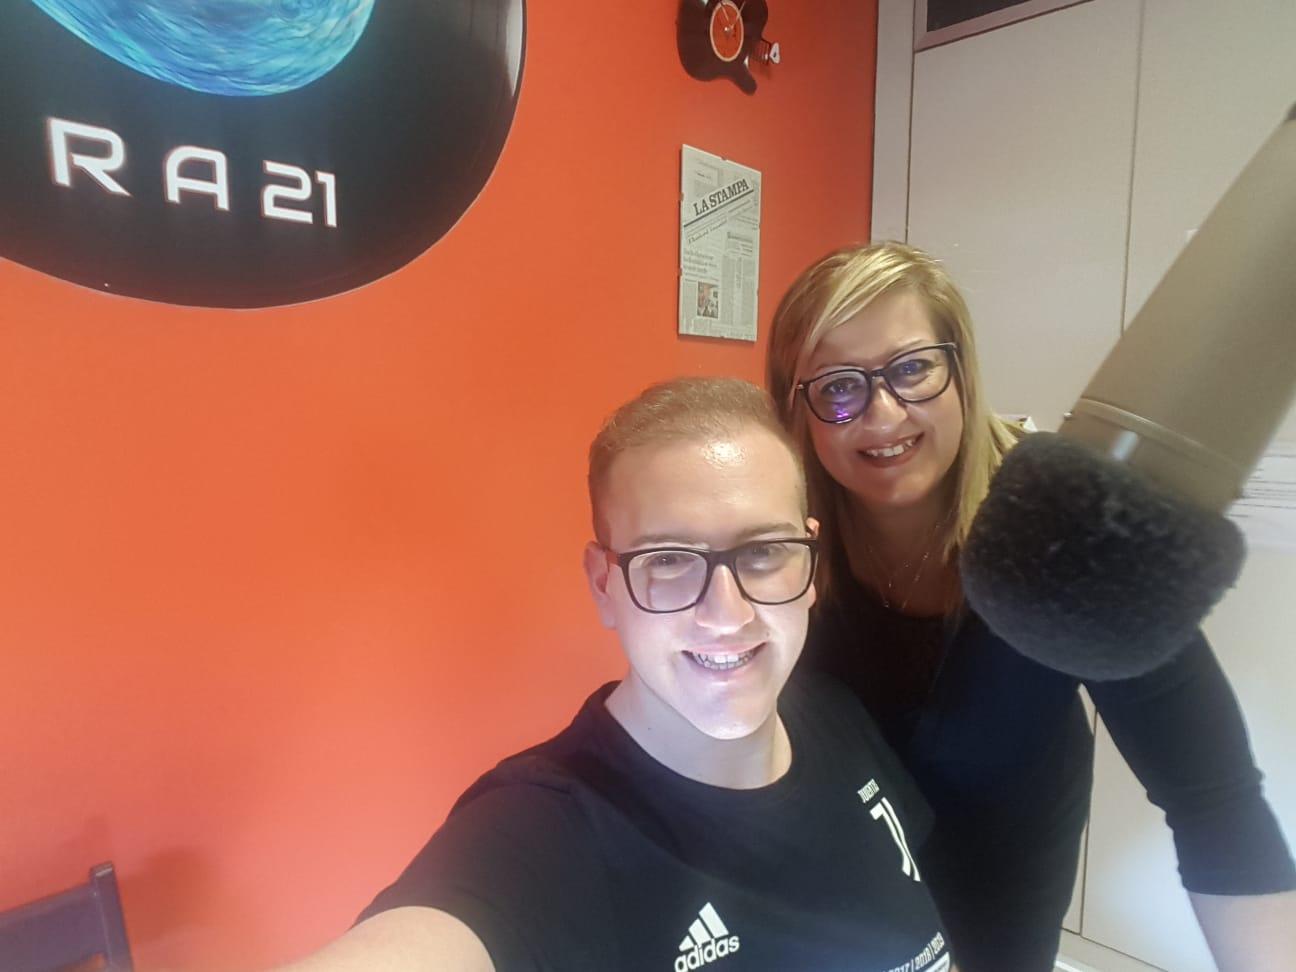 Generazioni a confornto - Daniele e Ivana Radio agorà 21 Orbassano